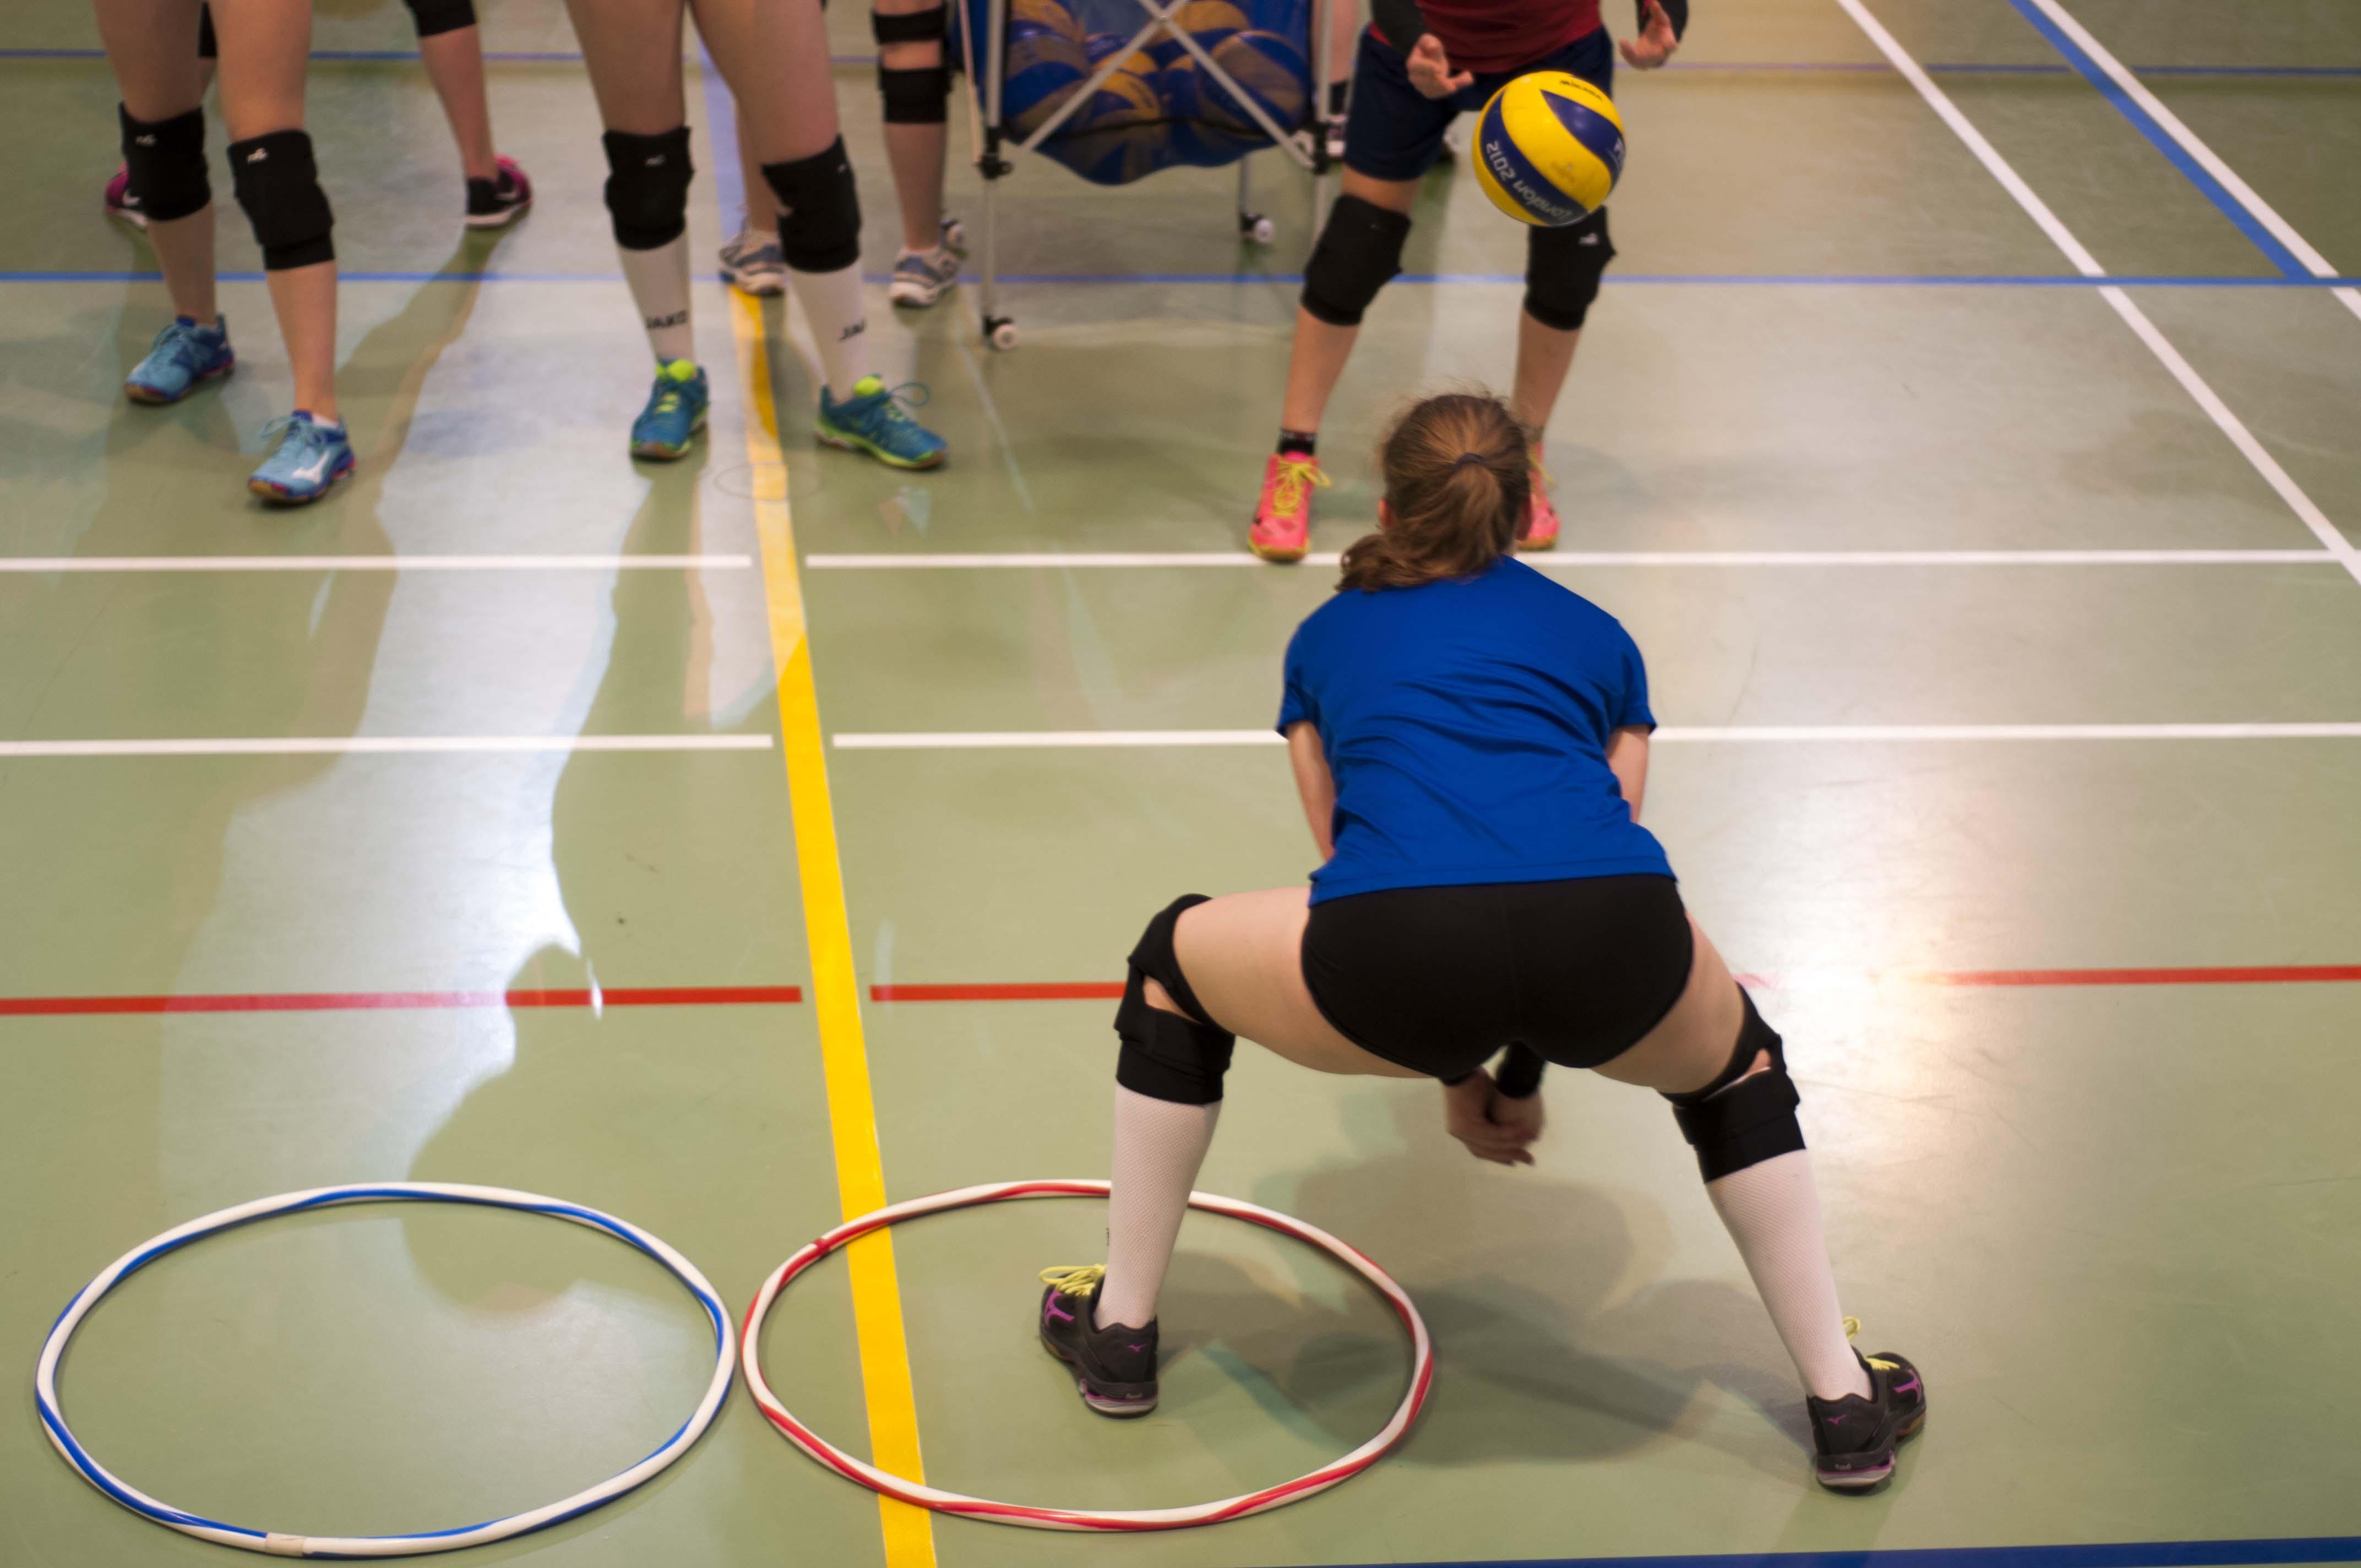 Ejercicios En Circuito Y Coordinacion : Ejercicios de coordinación para voleibol desarrollo de la